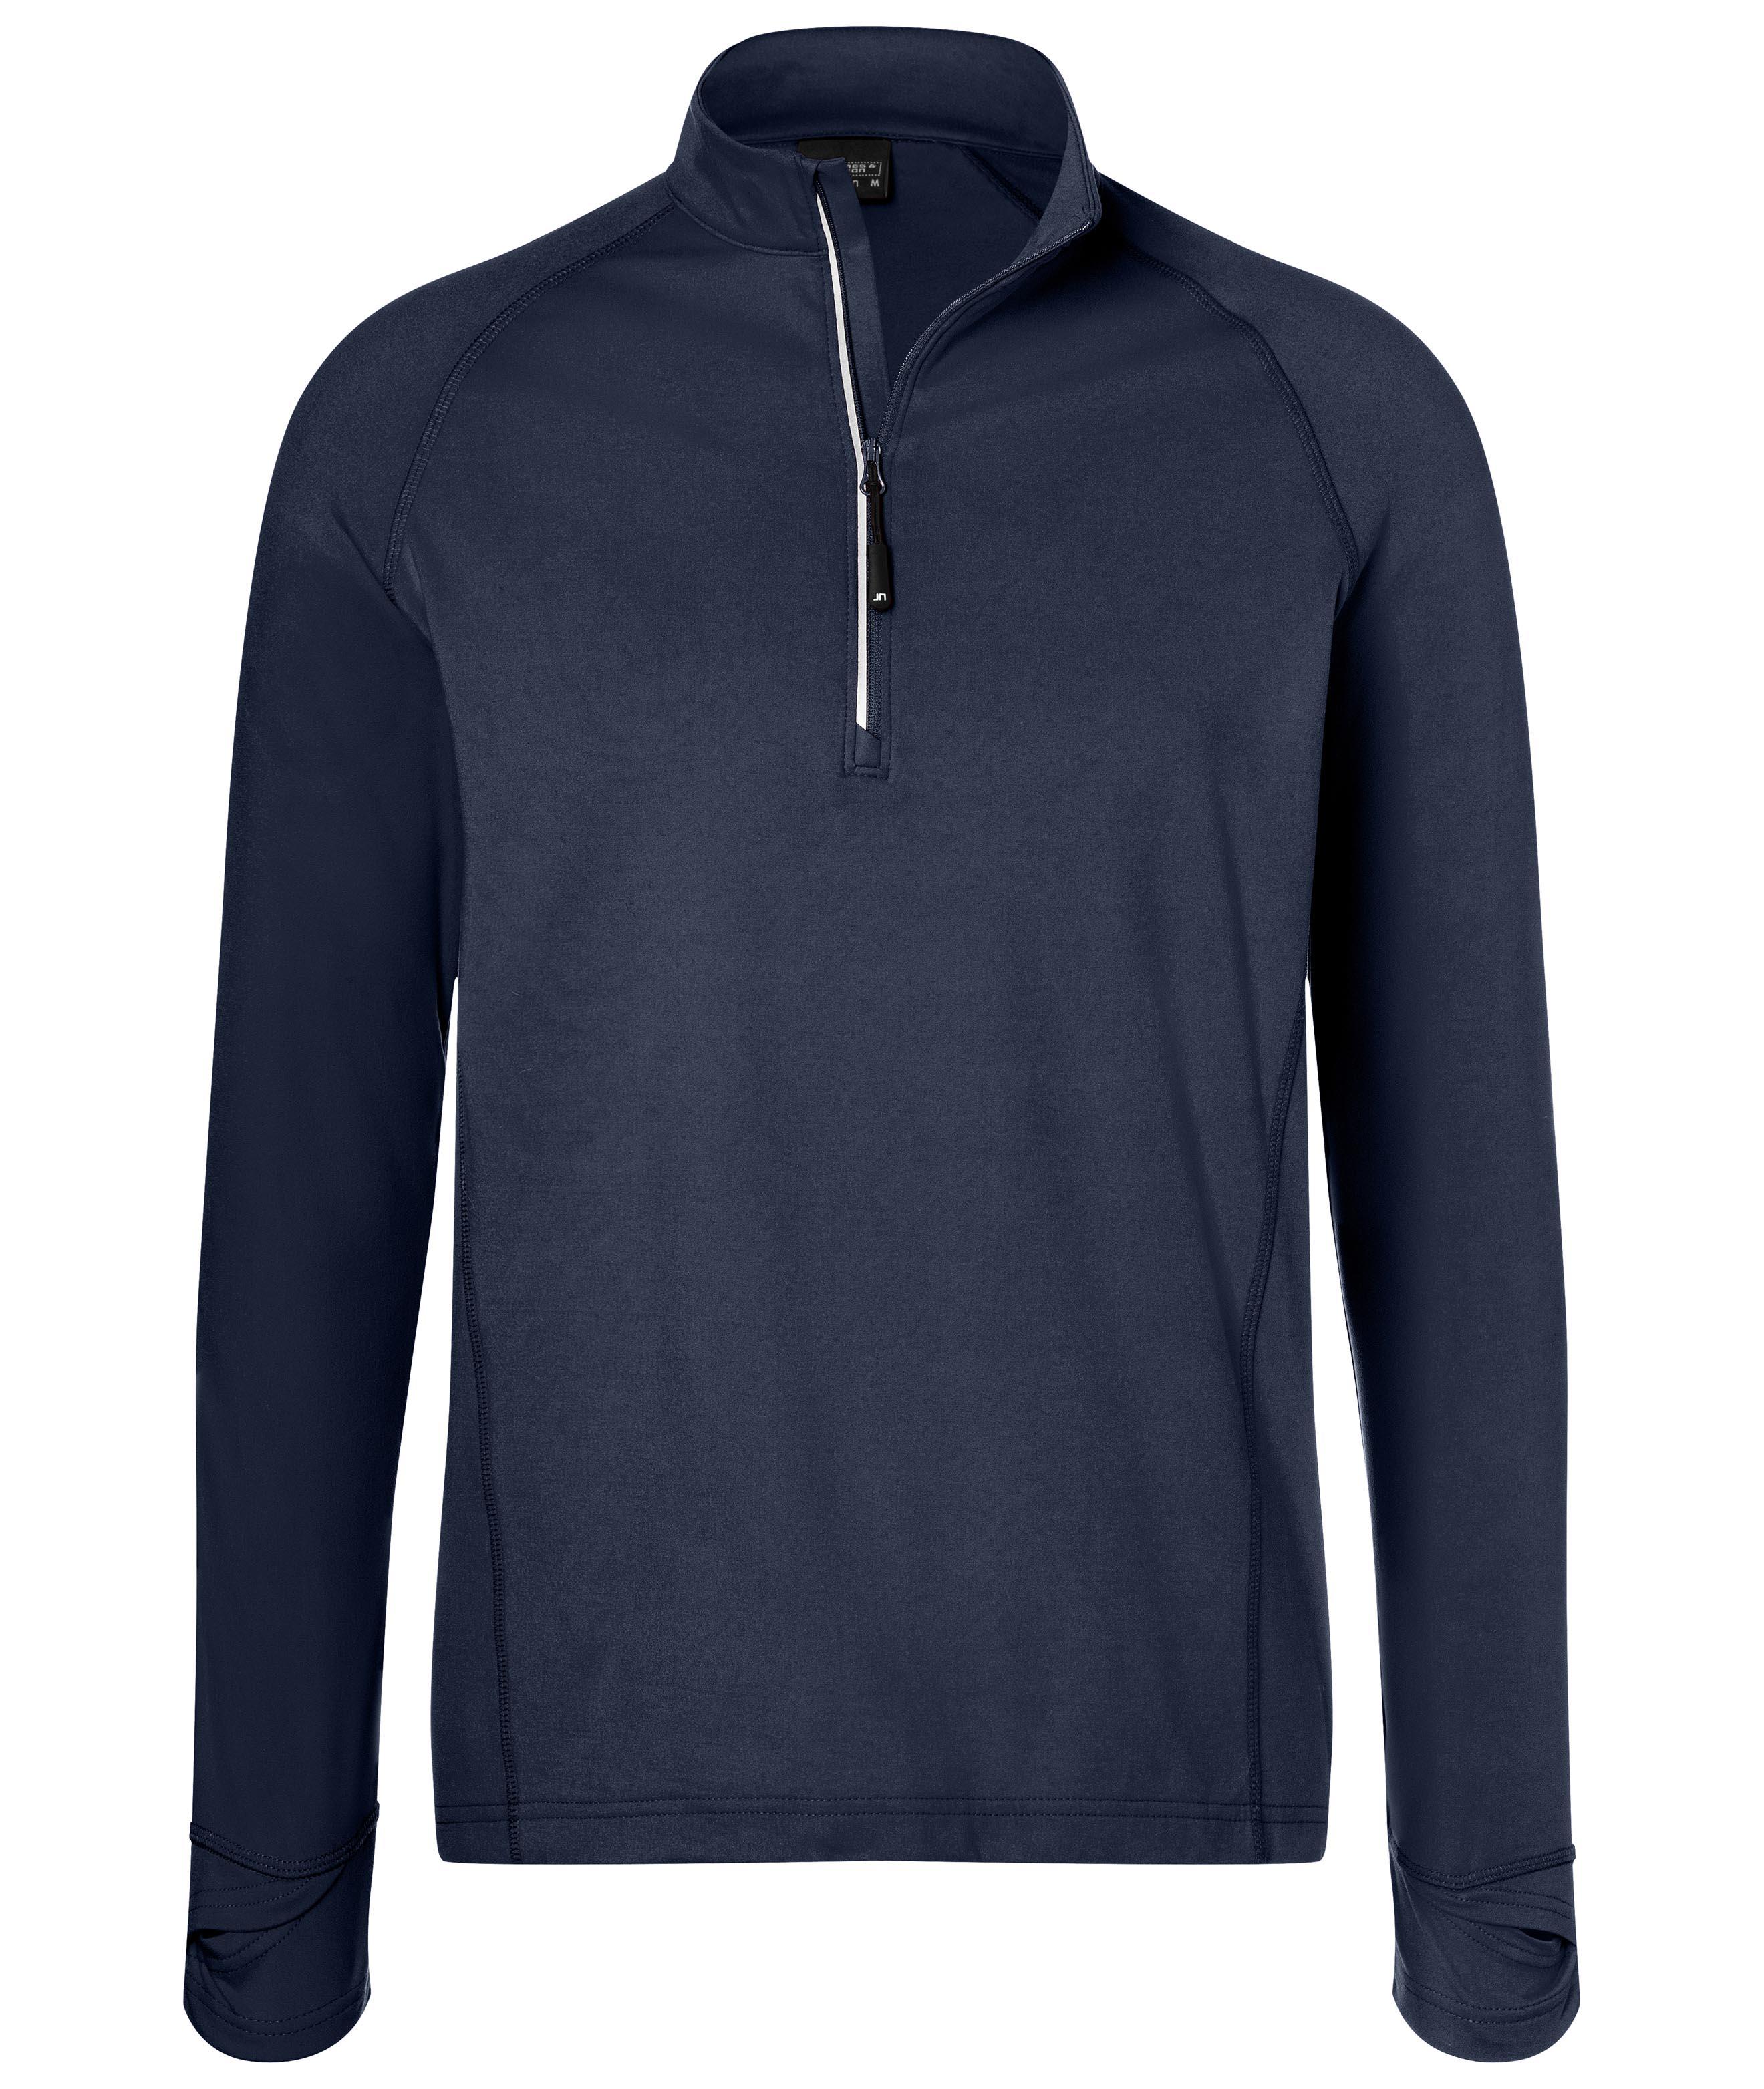 Langarm-Shirt mit Reißverschluss für Sport und Freizeit